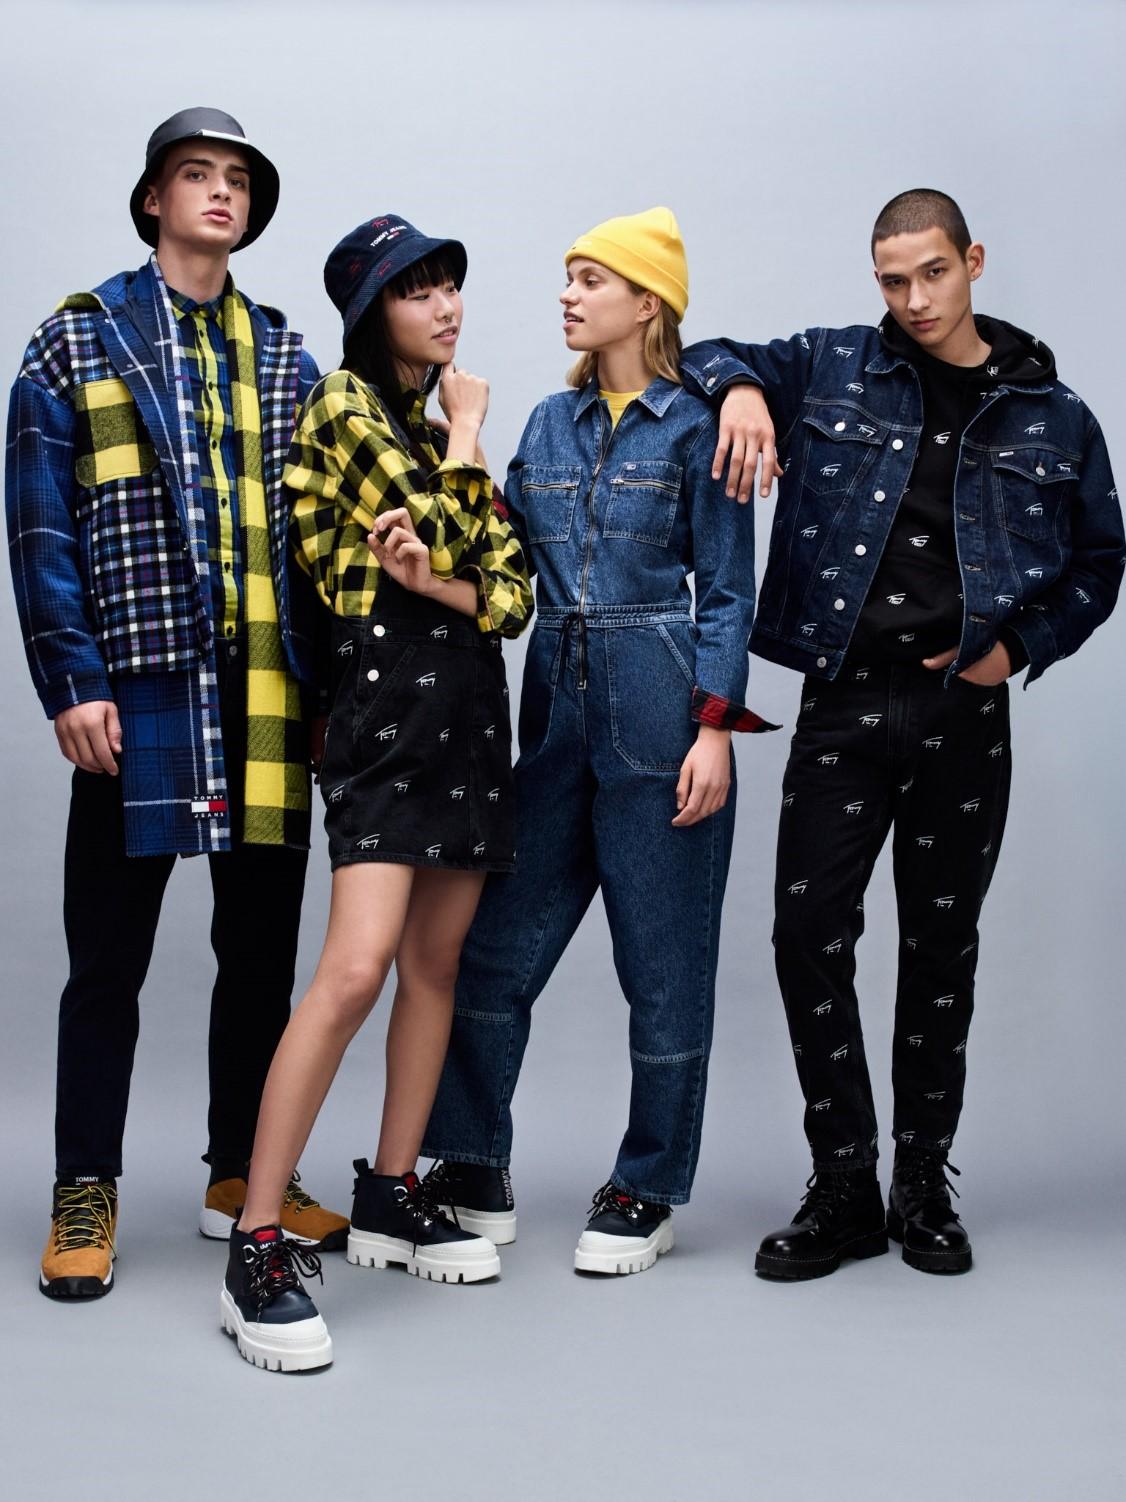 Tommy Hilfiger là thương hiệu thời trang nước Mỹ được phân phối chính hãng bởi ACFC. Ảnh: ACFC.